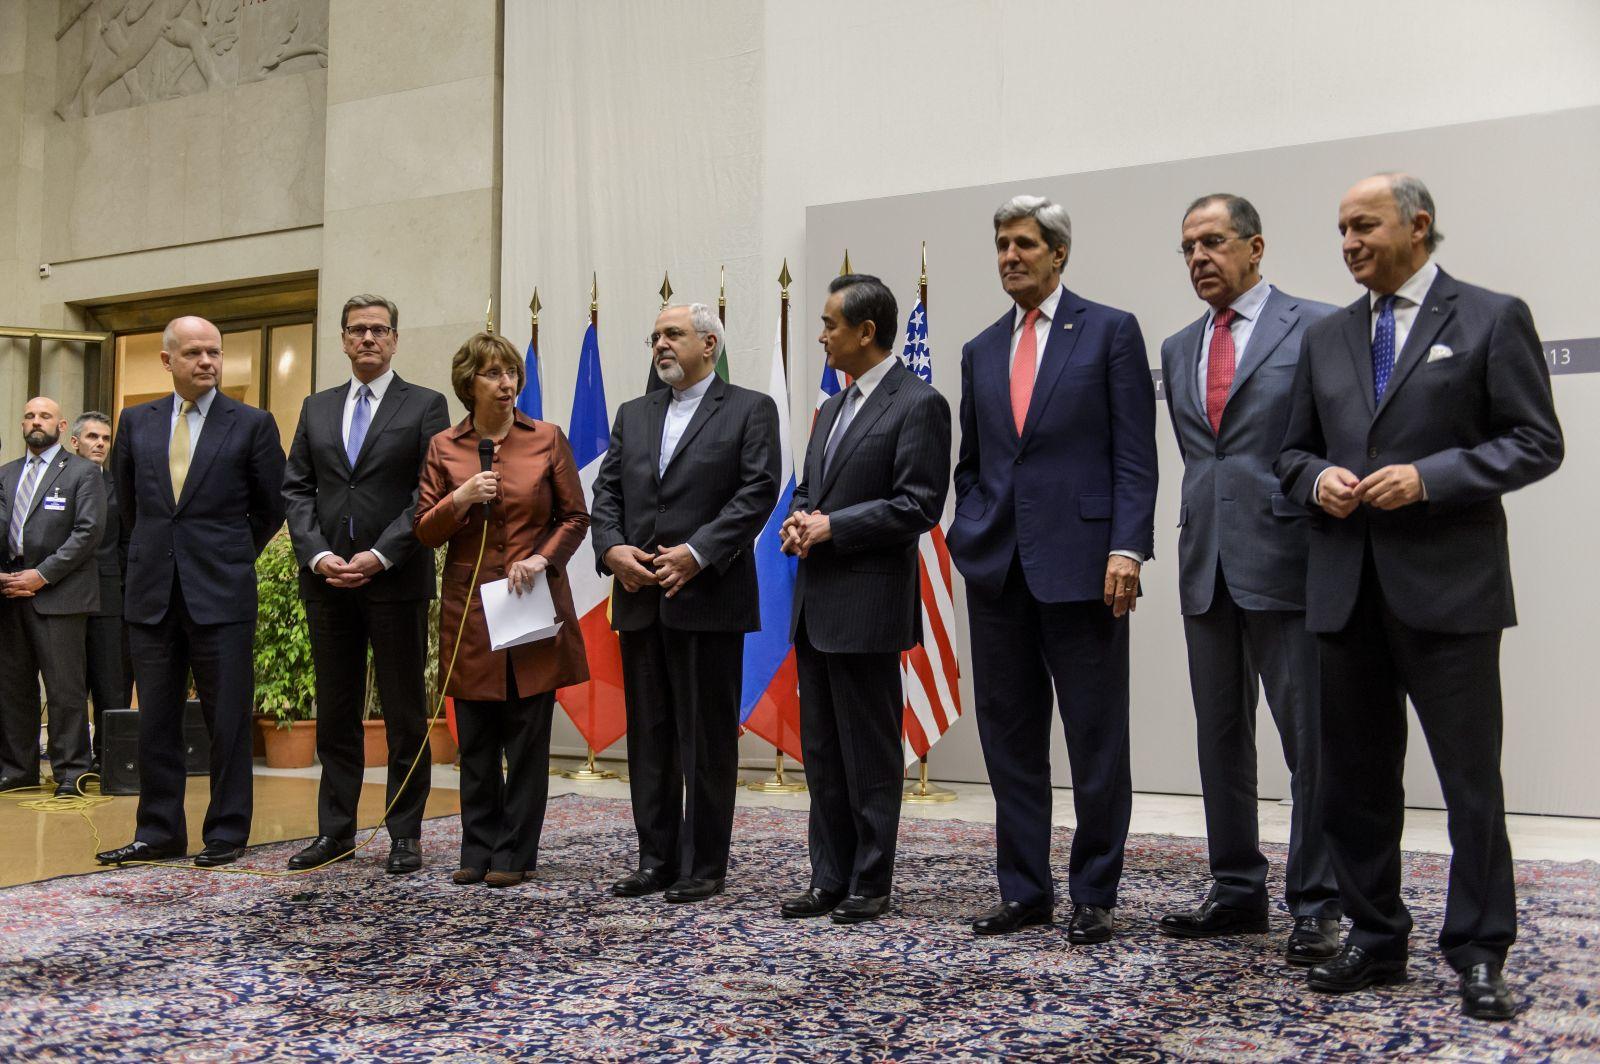 وول ستريت جورنال: إسرائيل تجسست على المحادثات النوويةبين أمريكا وإيران